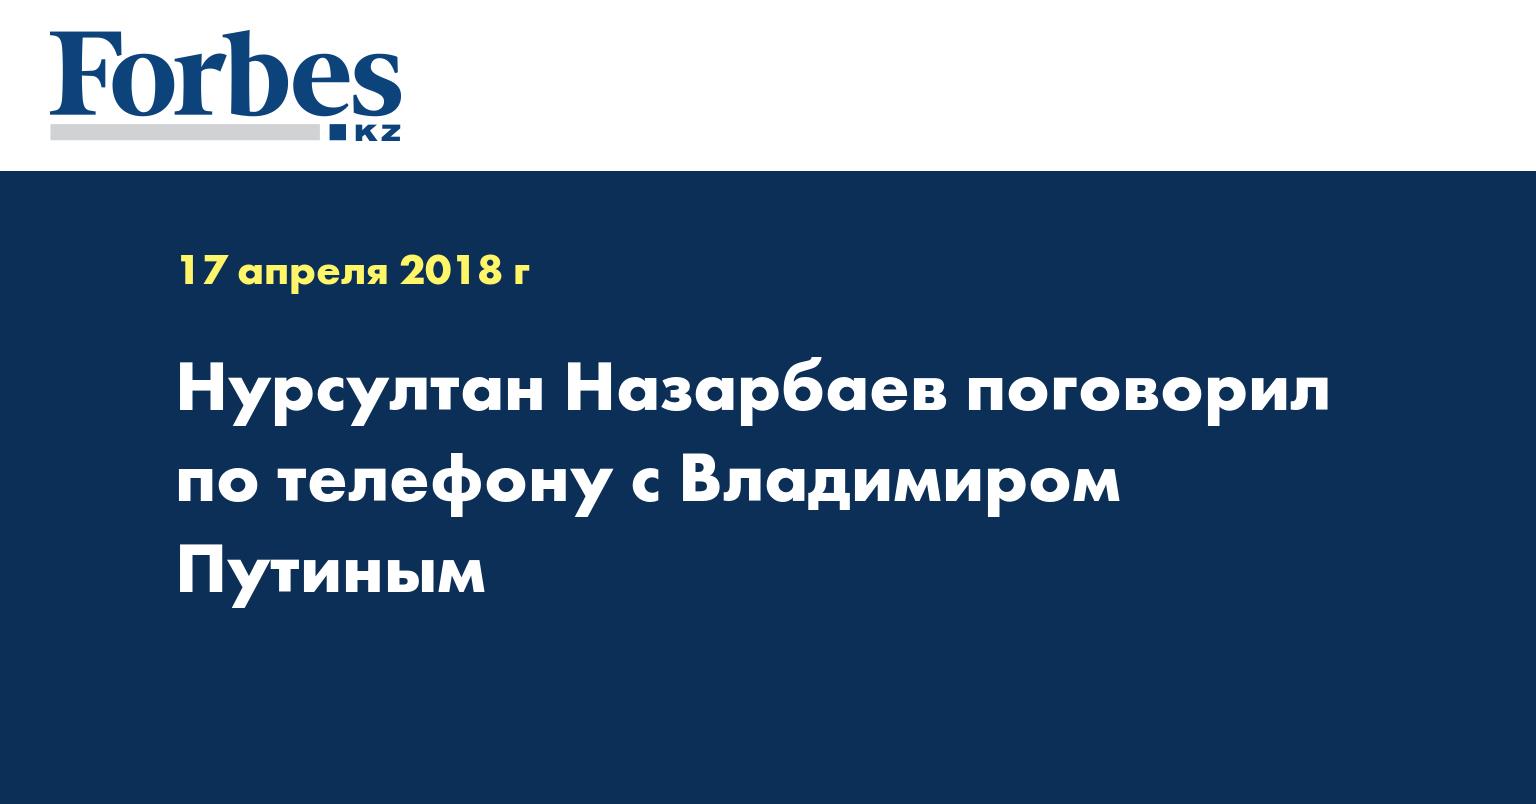 Нурсултан Назарбаев поговорил по телефону с Владимиром Путиным